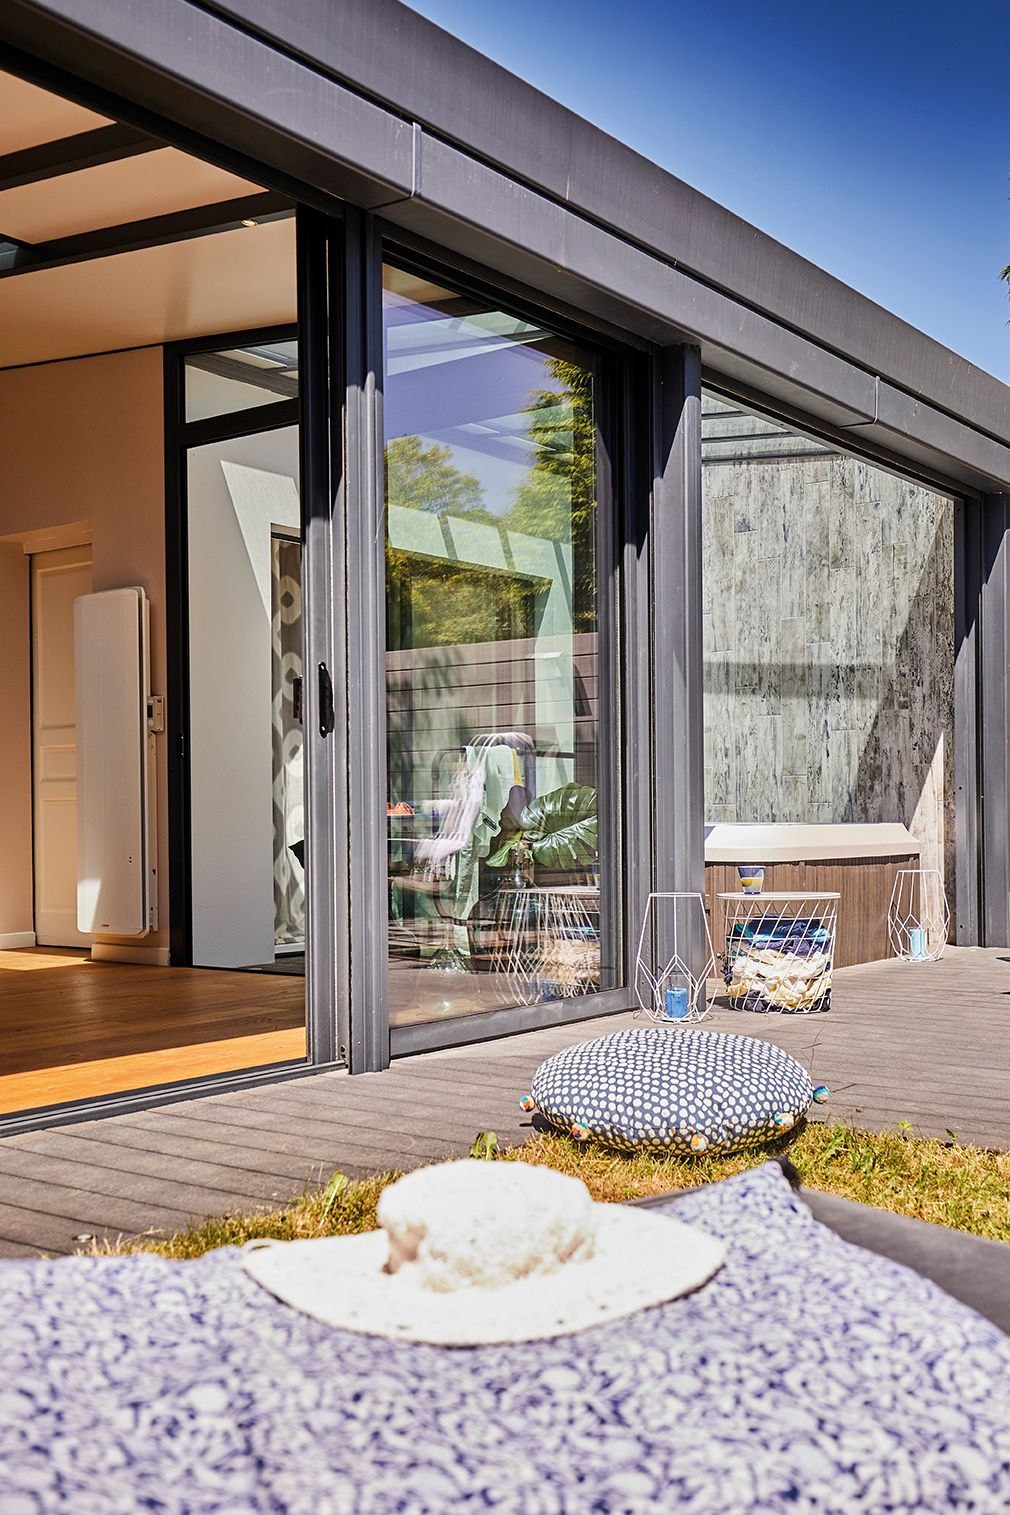 Veranda Toit Terrasse Veranda Contemporaine Modele De Veranda Veranda Alu